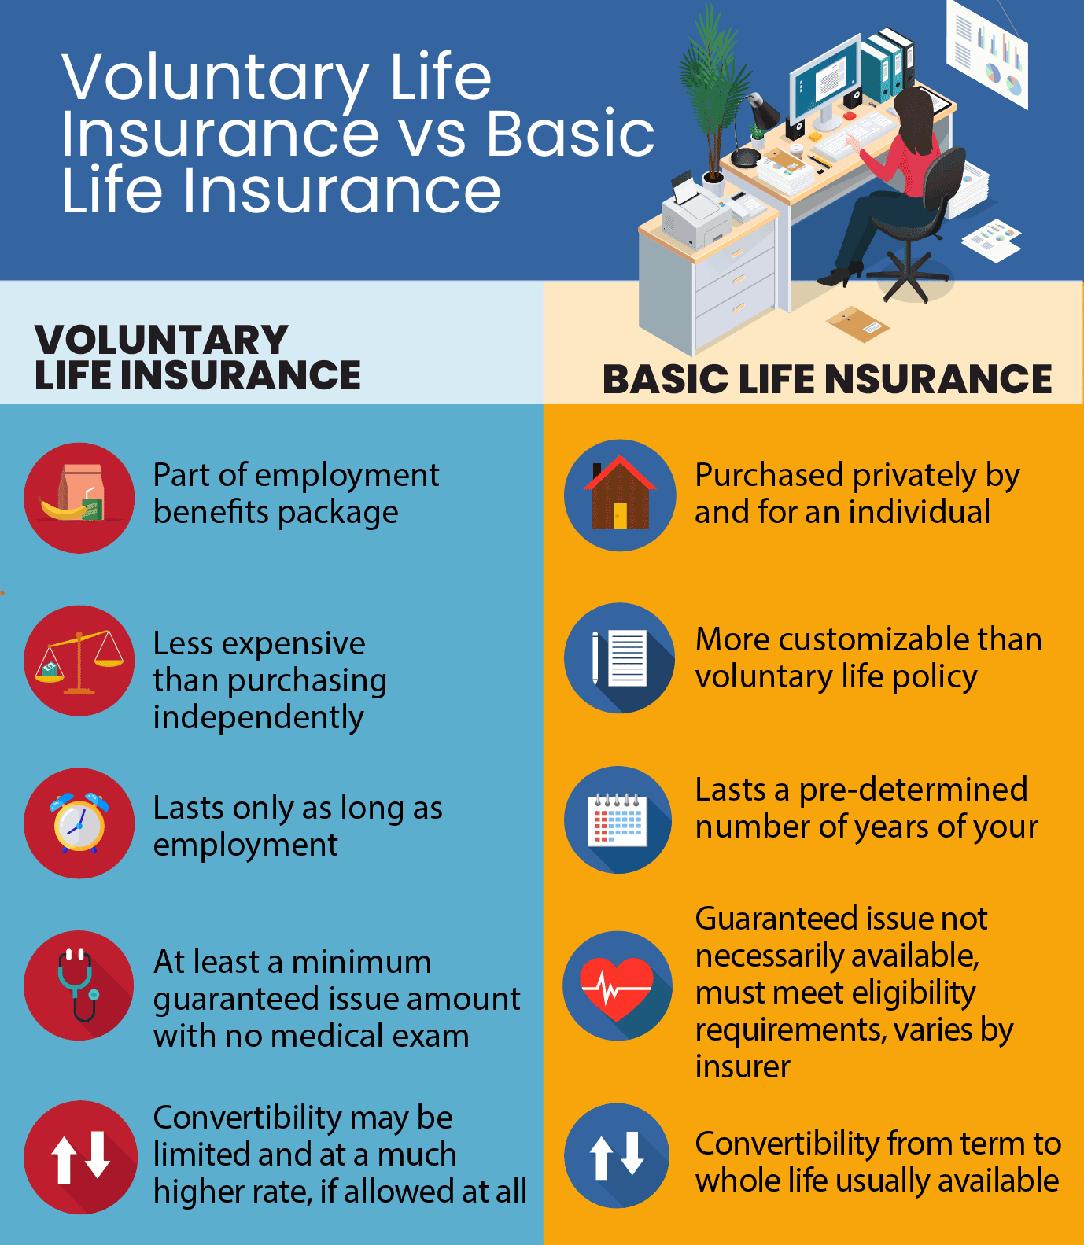 Voluntary Life Insurance vs. Basic Life Insurance